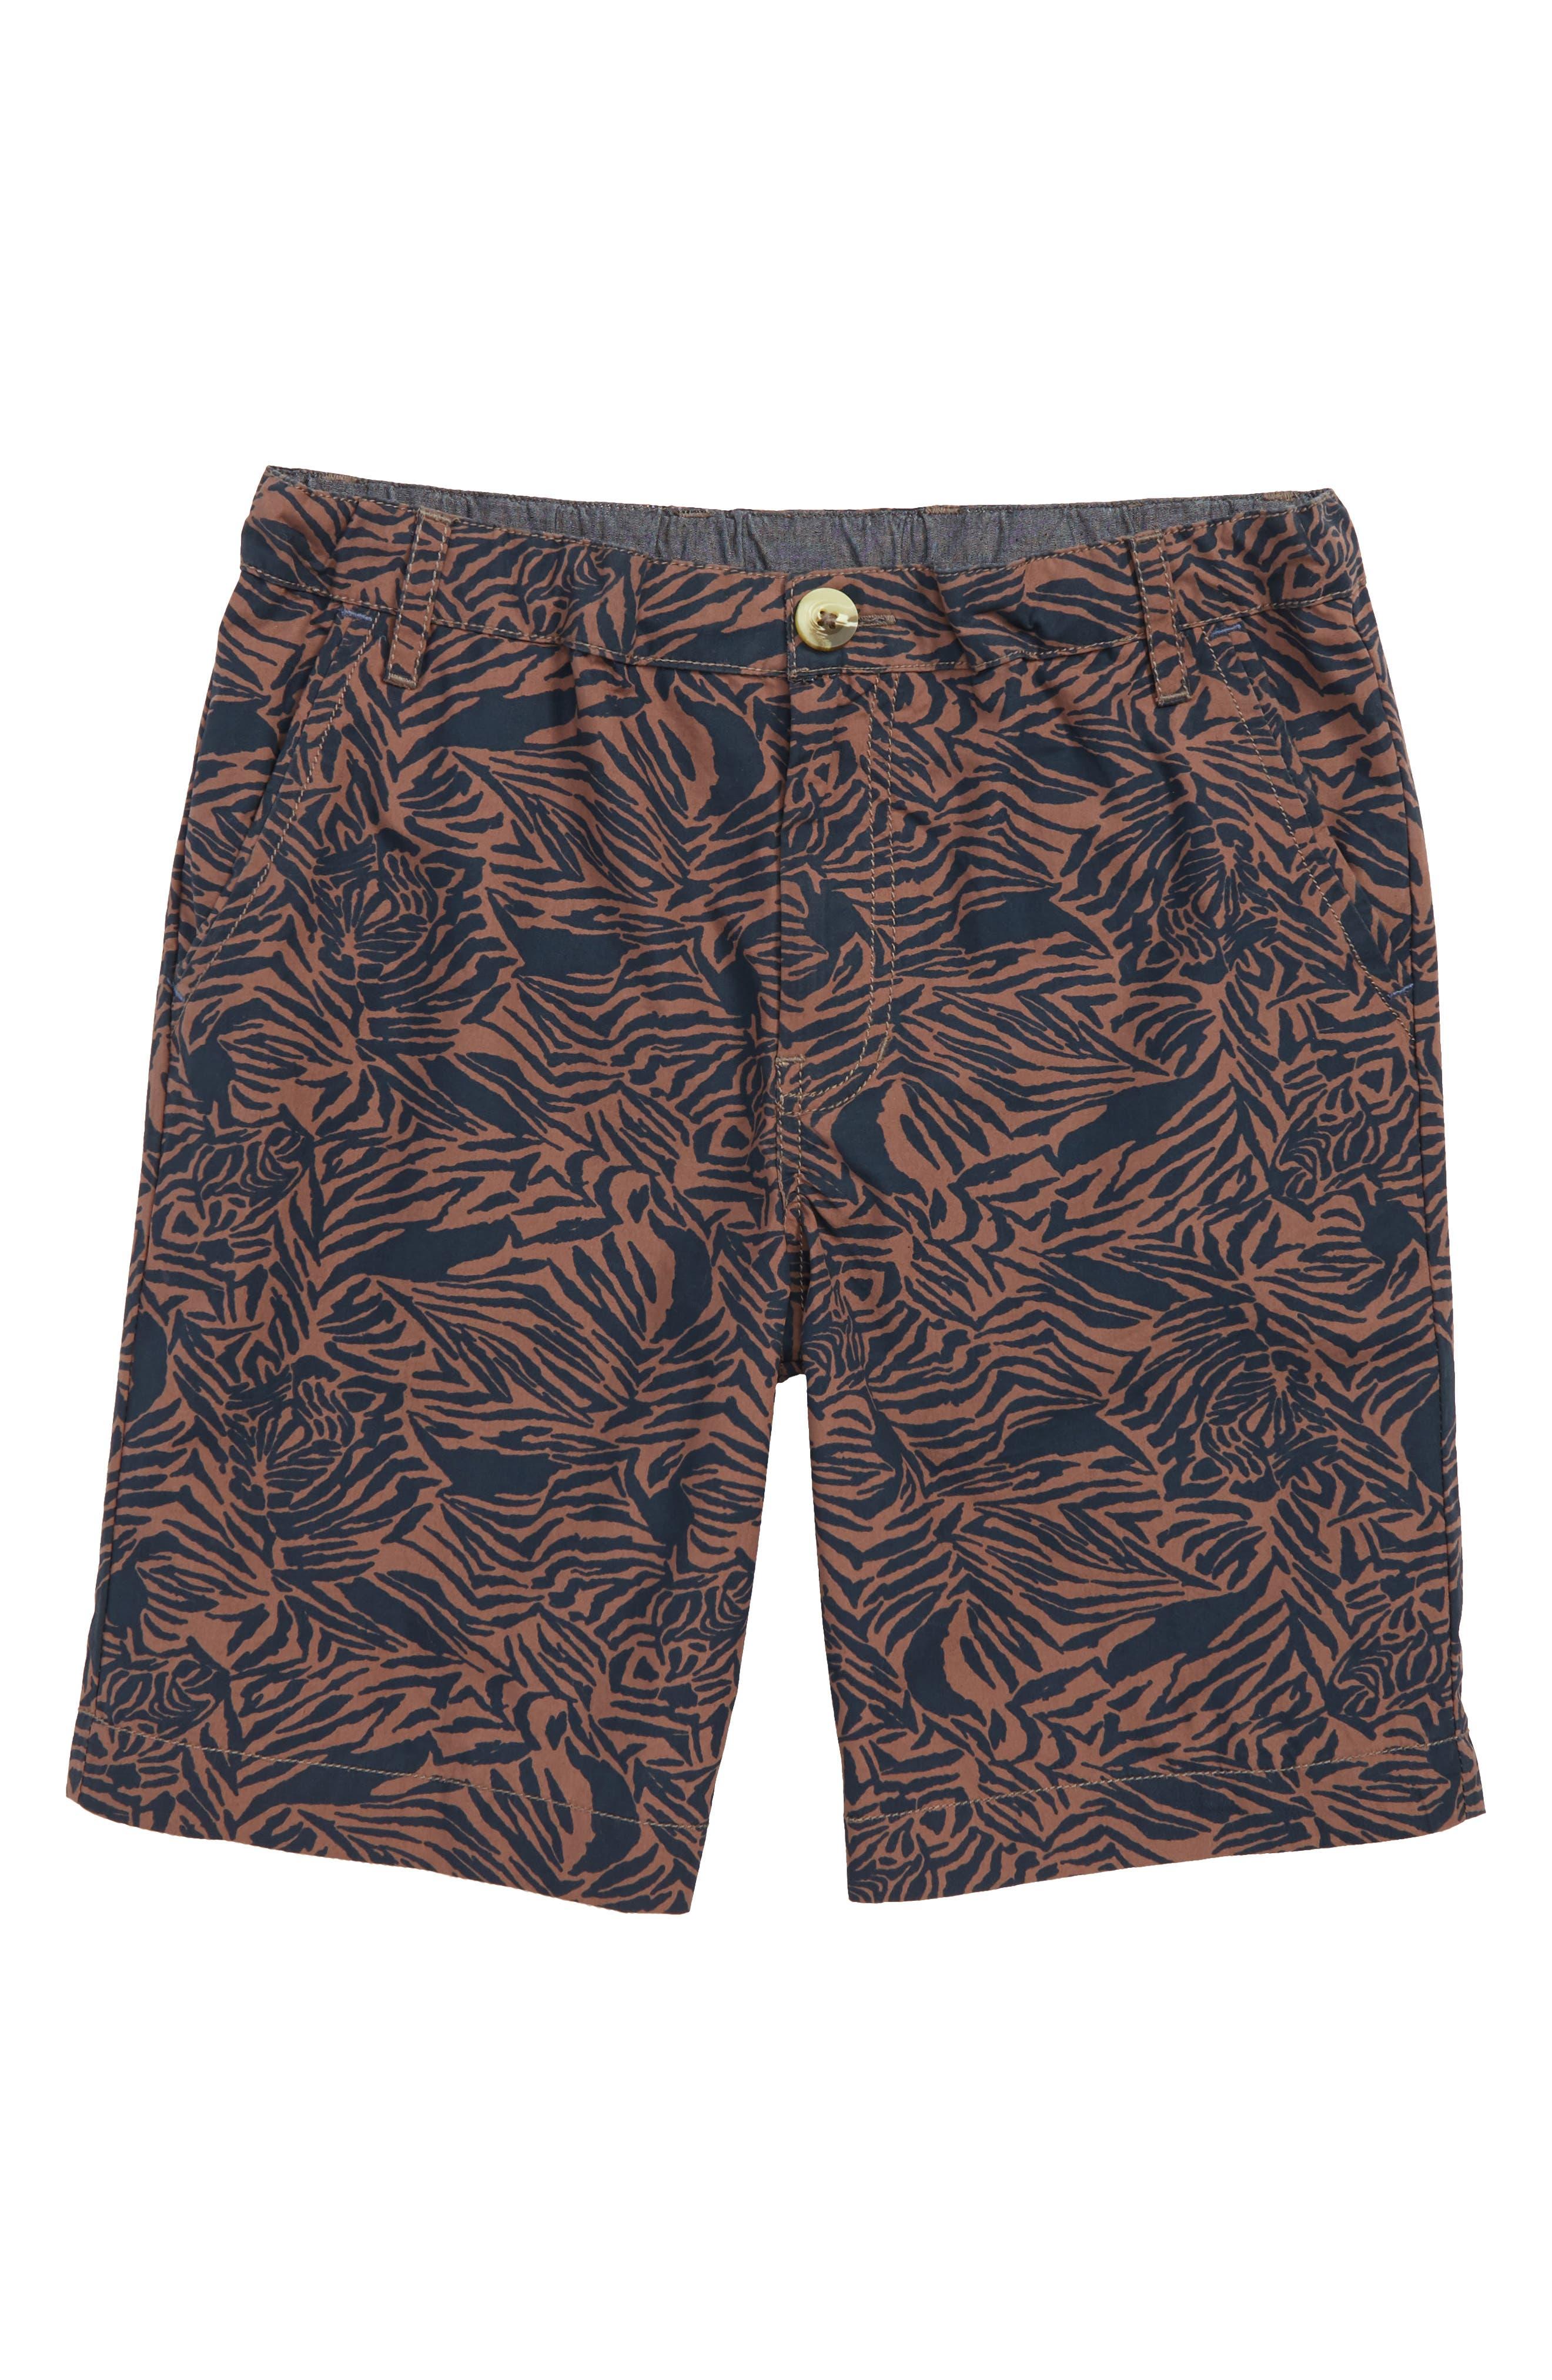 Zebra Shorts,                             Main thumbnail 1, color,                             200